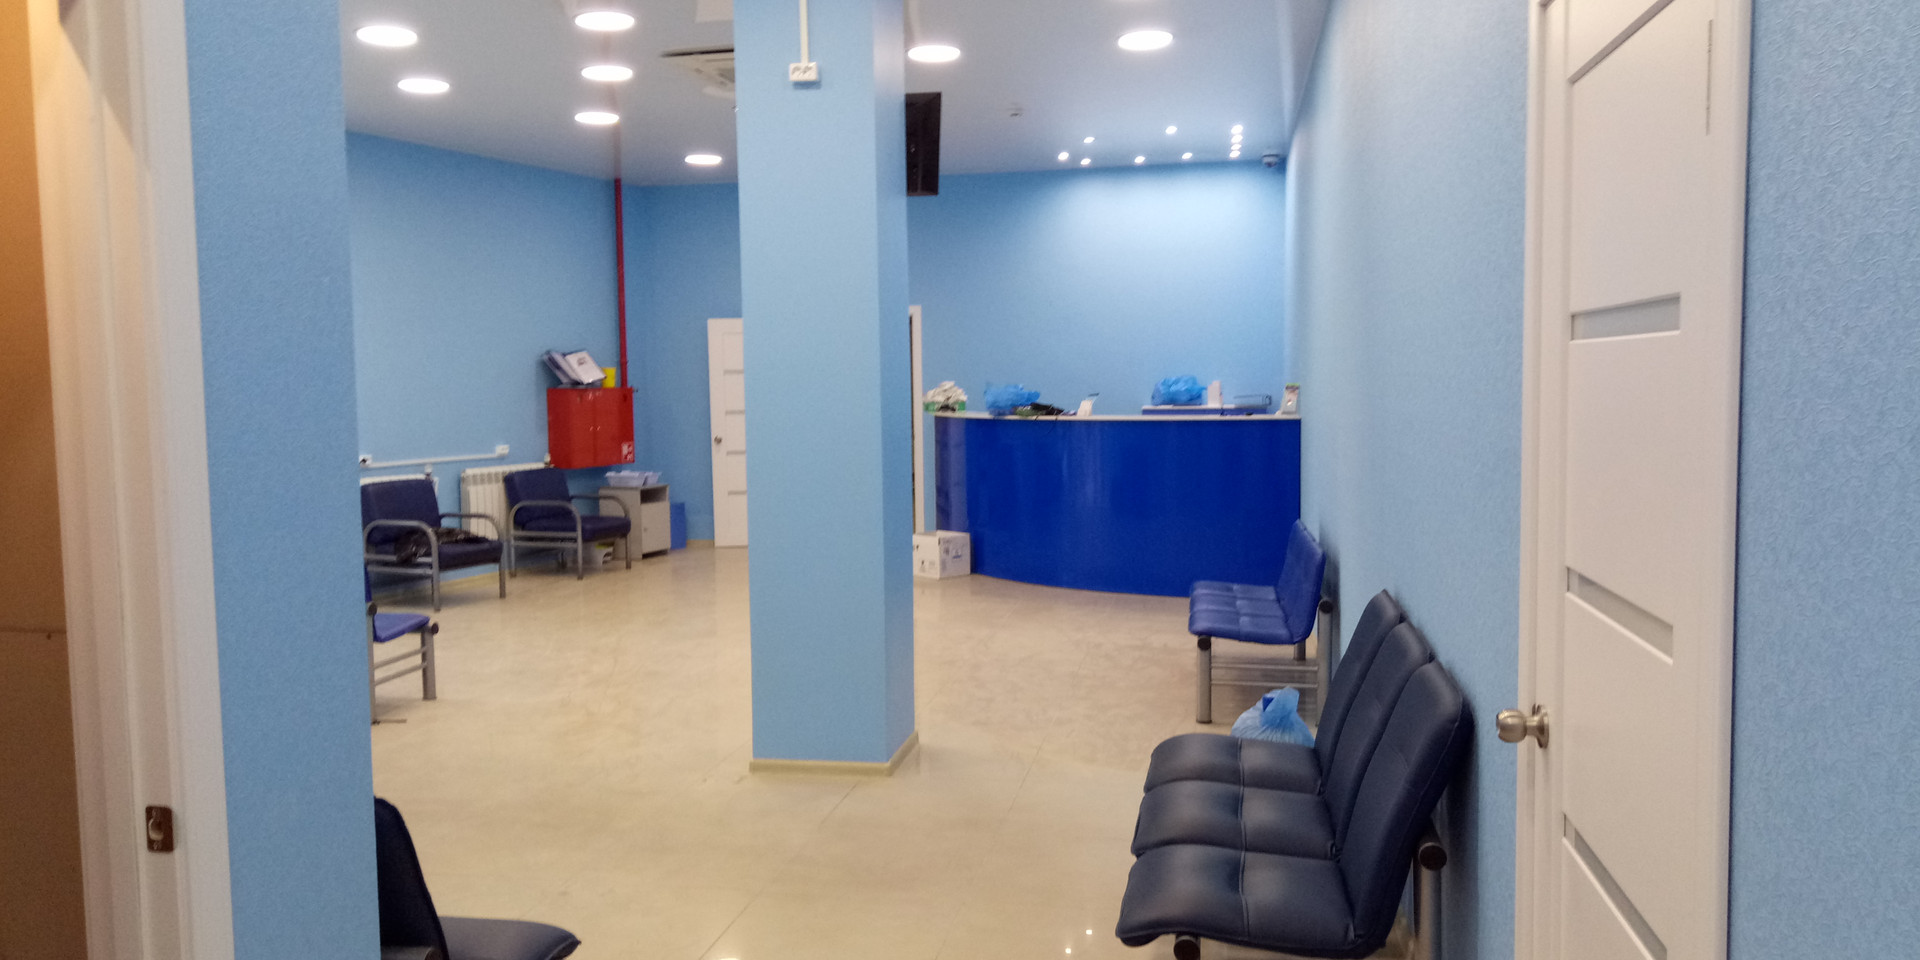 Строительство офисов Владивосток, ремонт